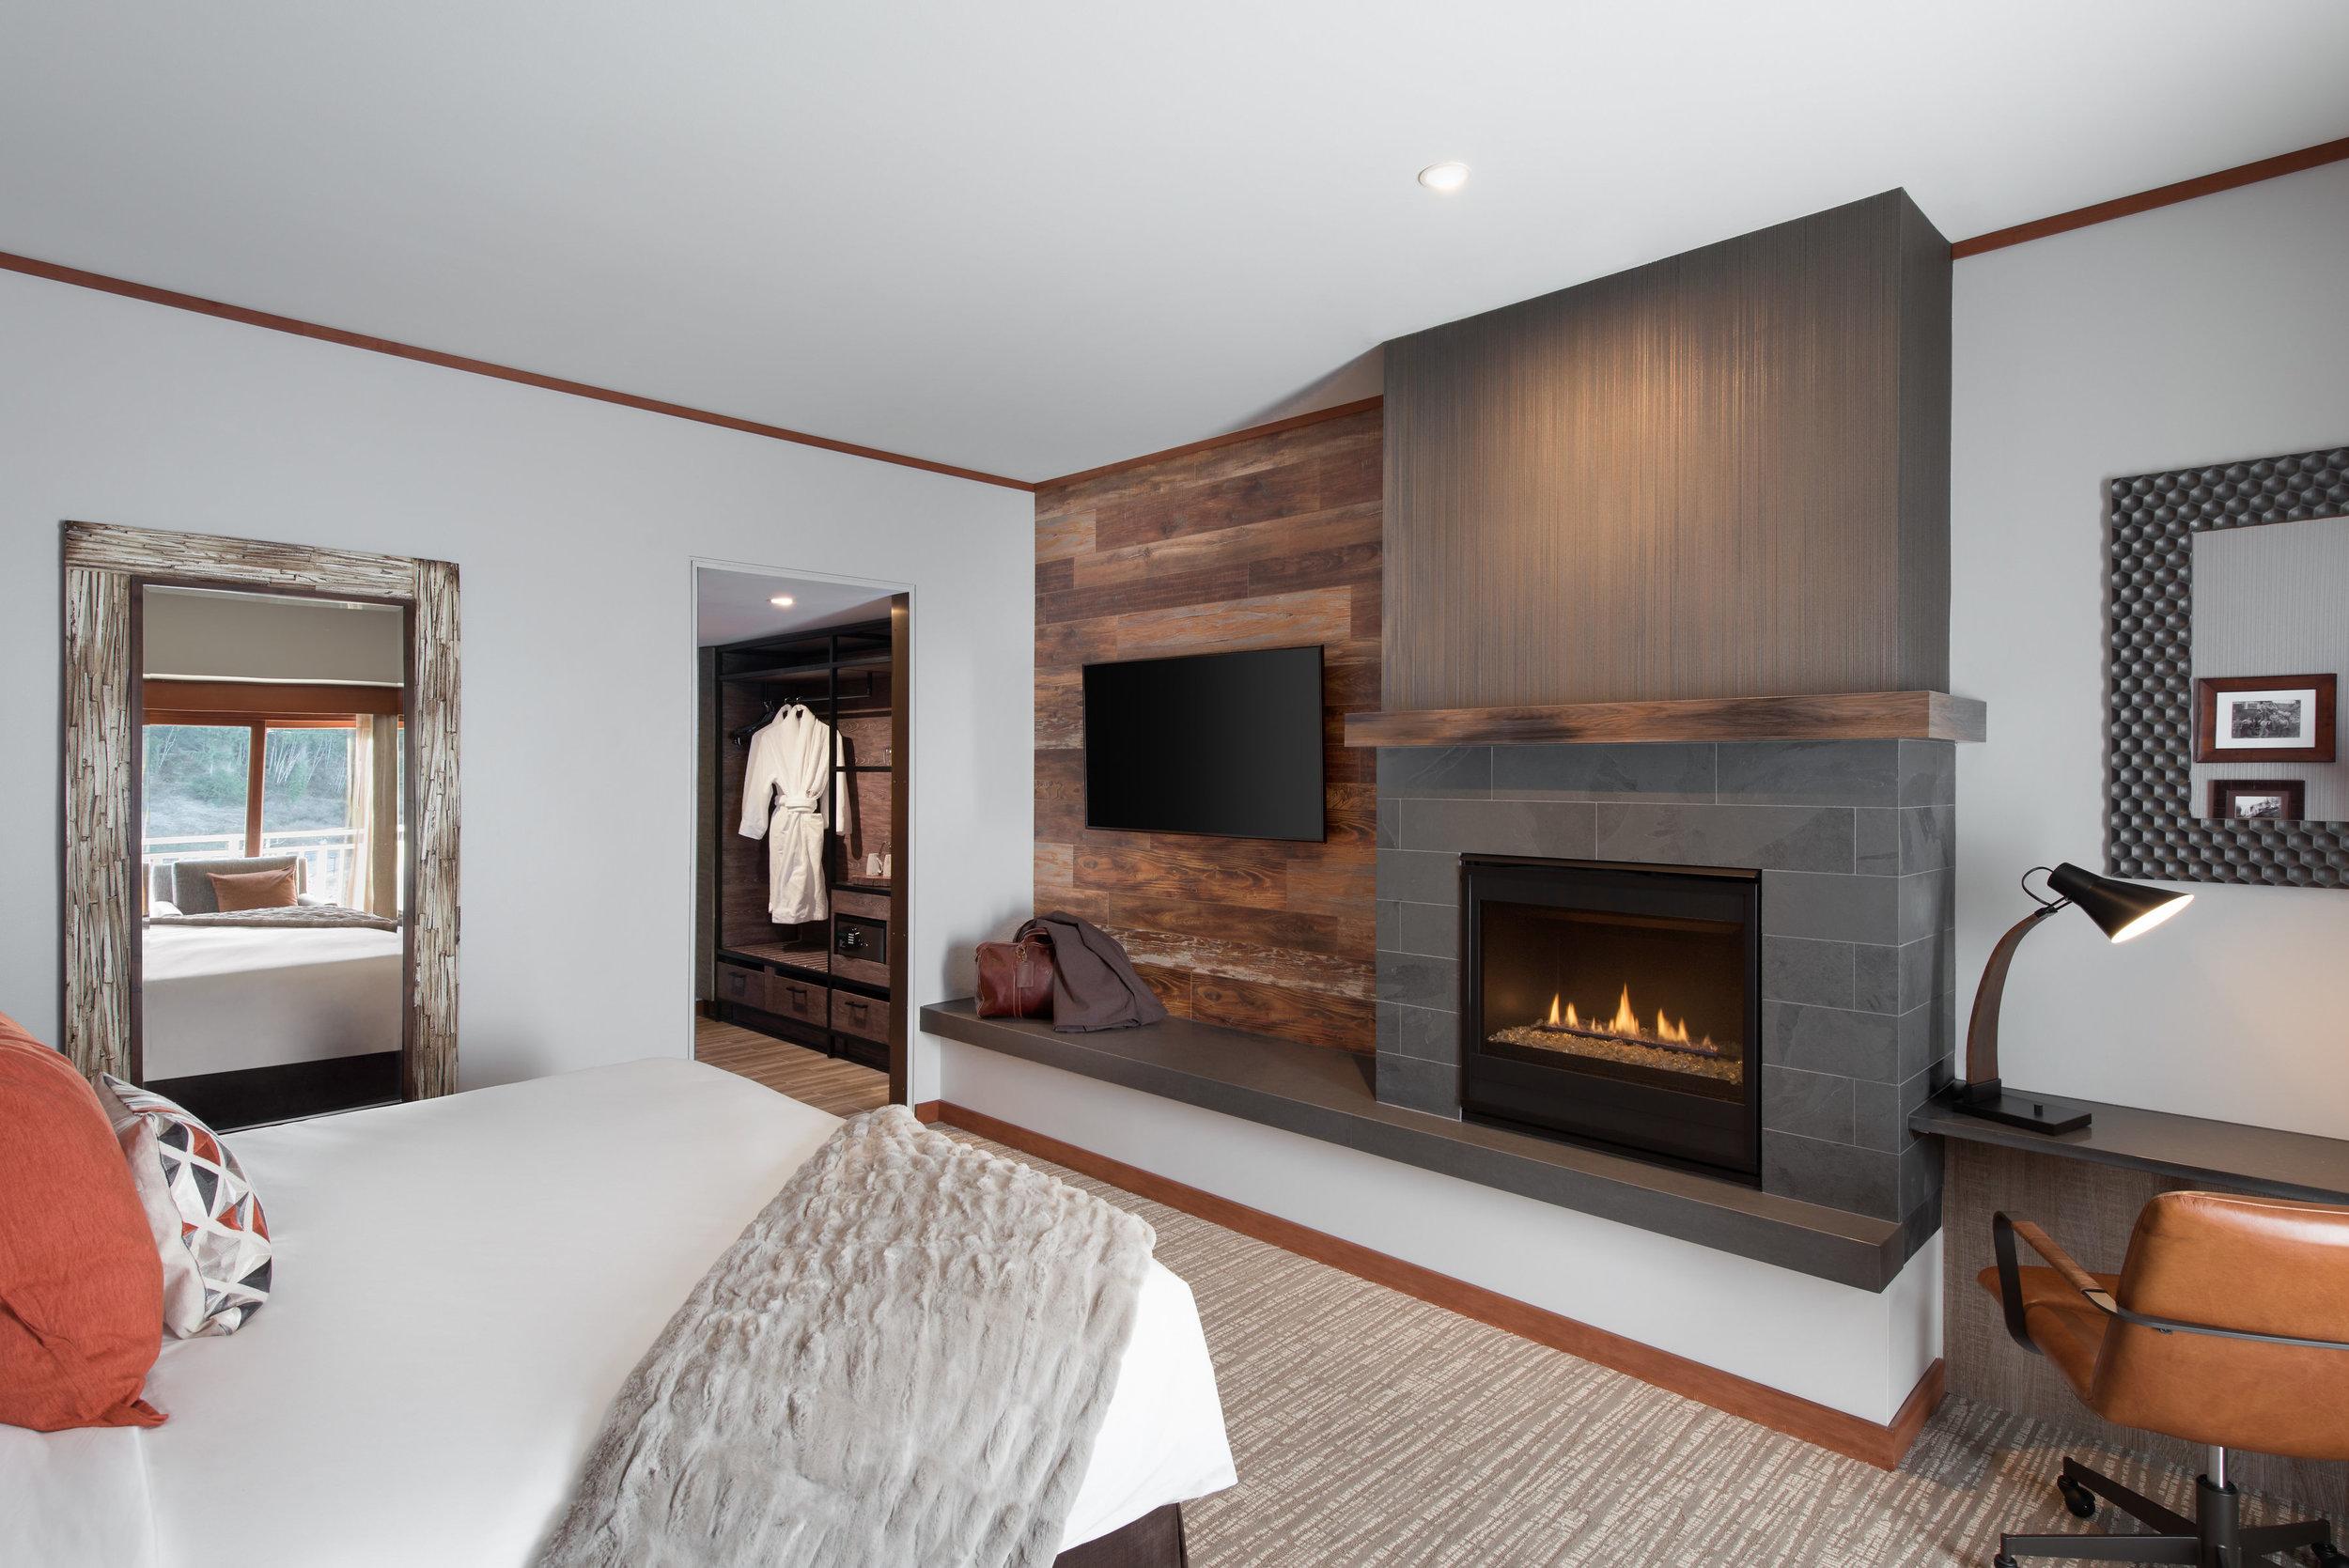 Deluxe_Guestroom_Interior View.jpg